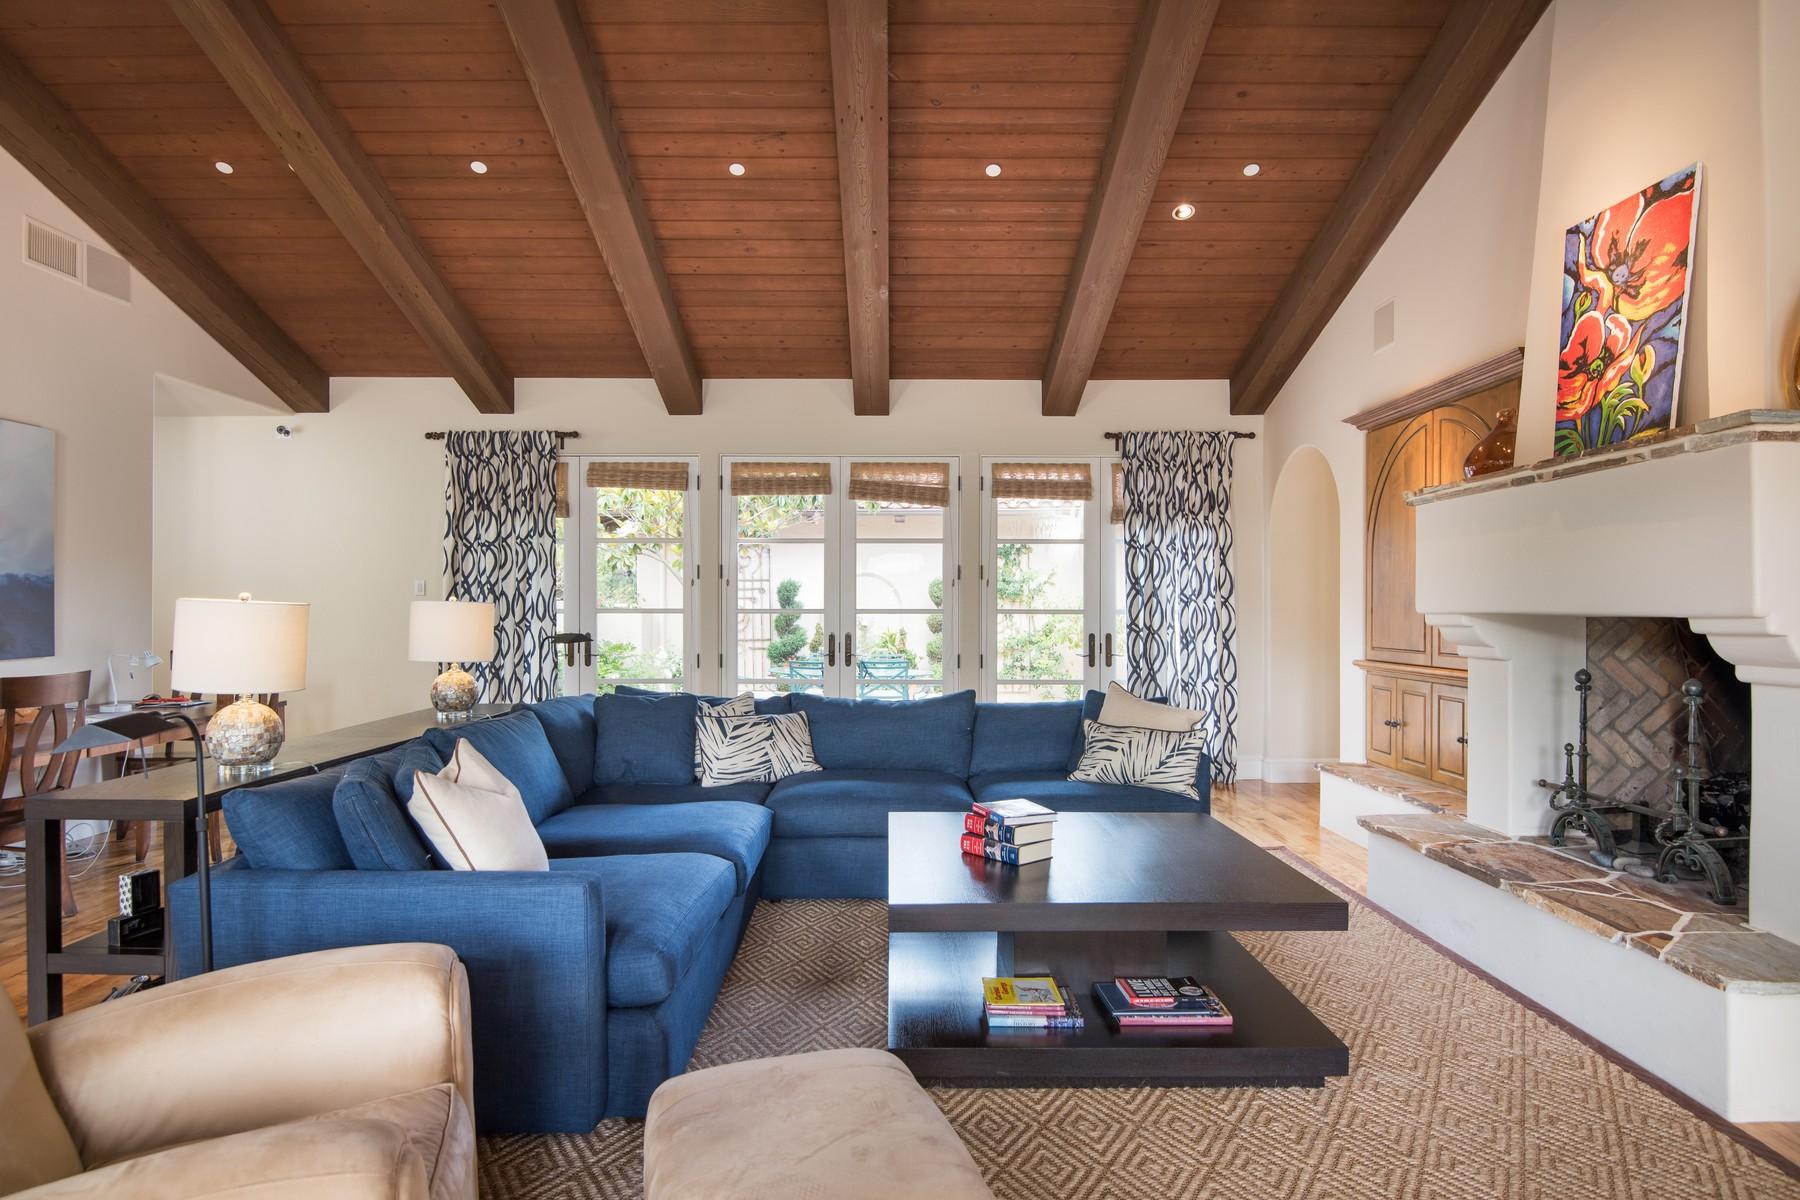 Частный односемейный дом для того Продажа на San Elijo 5546 San Elijo Rancho Santa Fe, Калифорния 92067 Соединенные Штаты